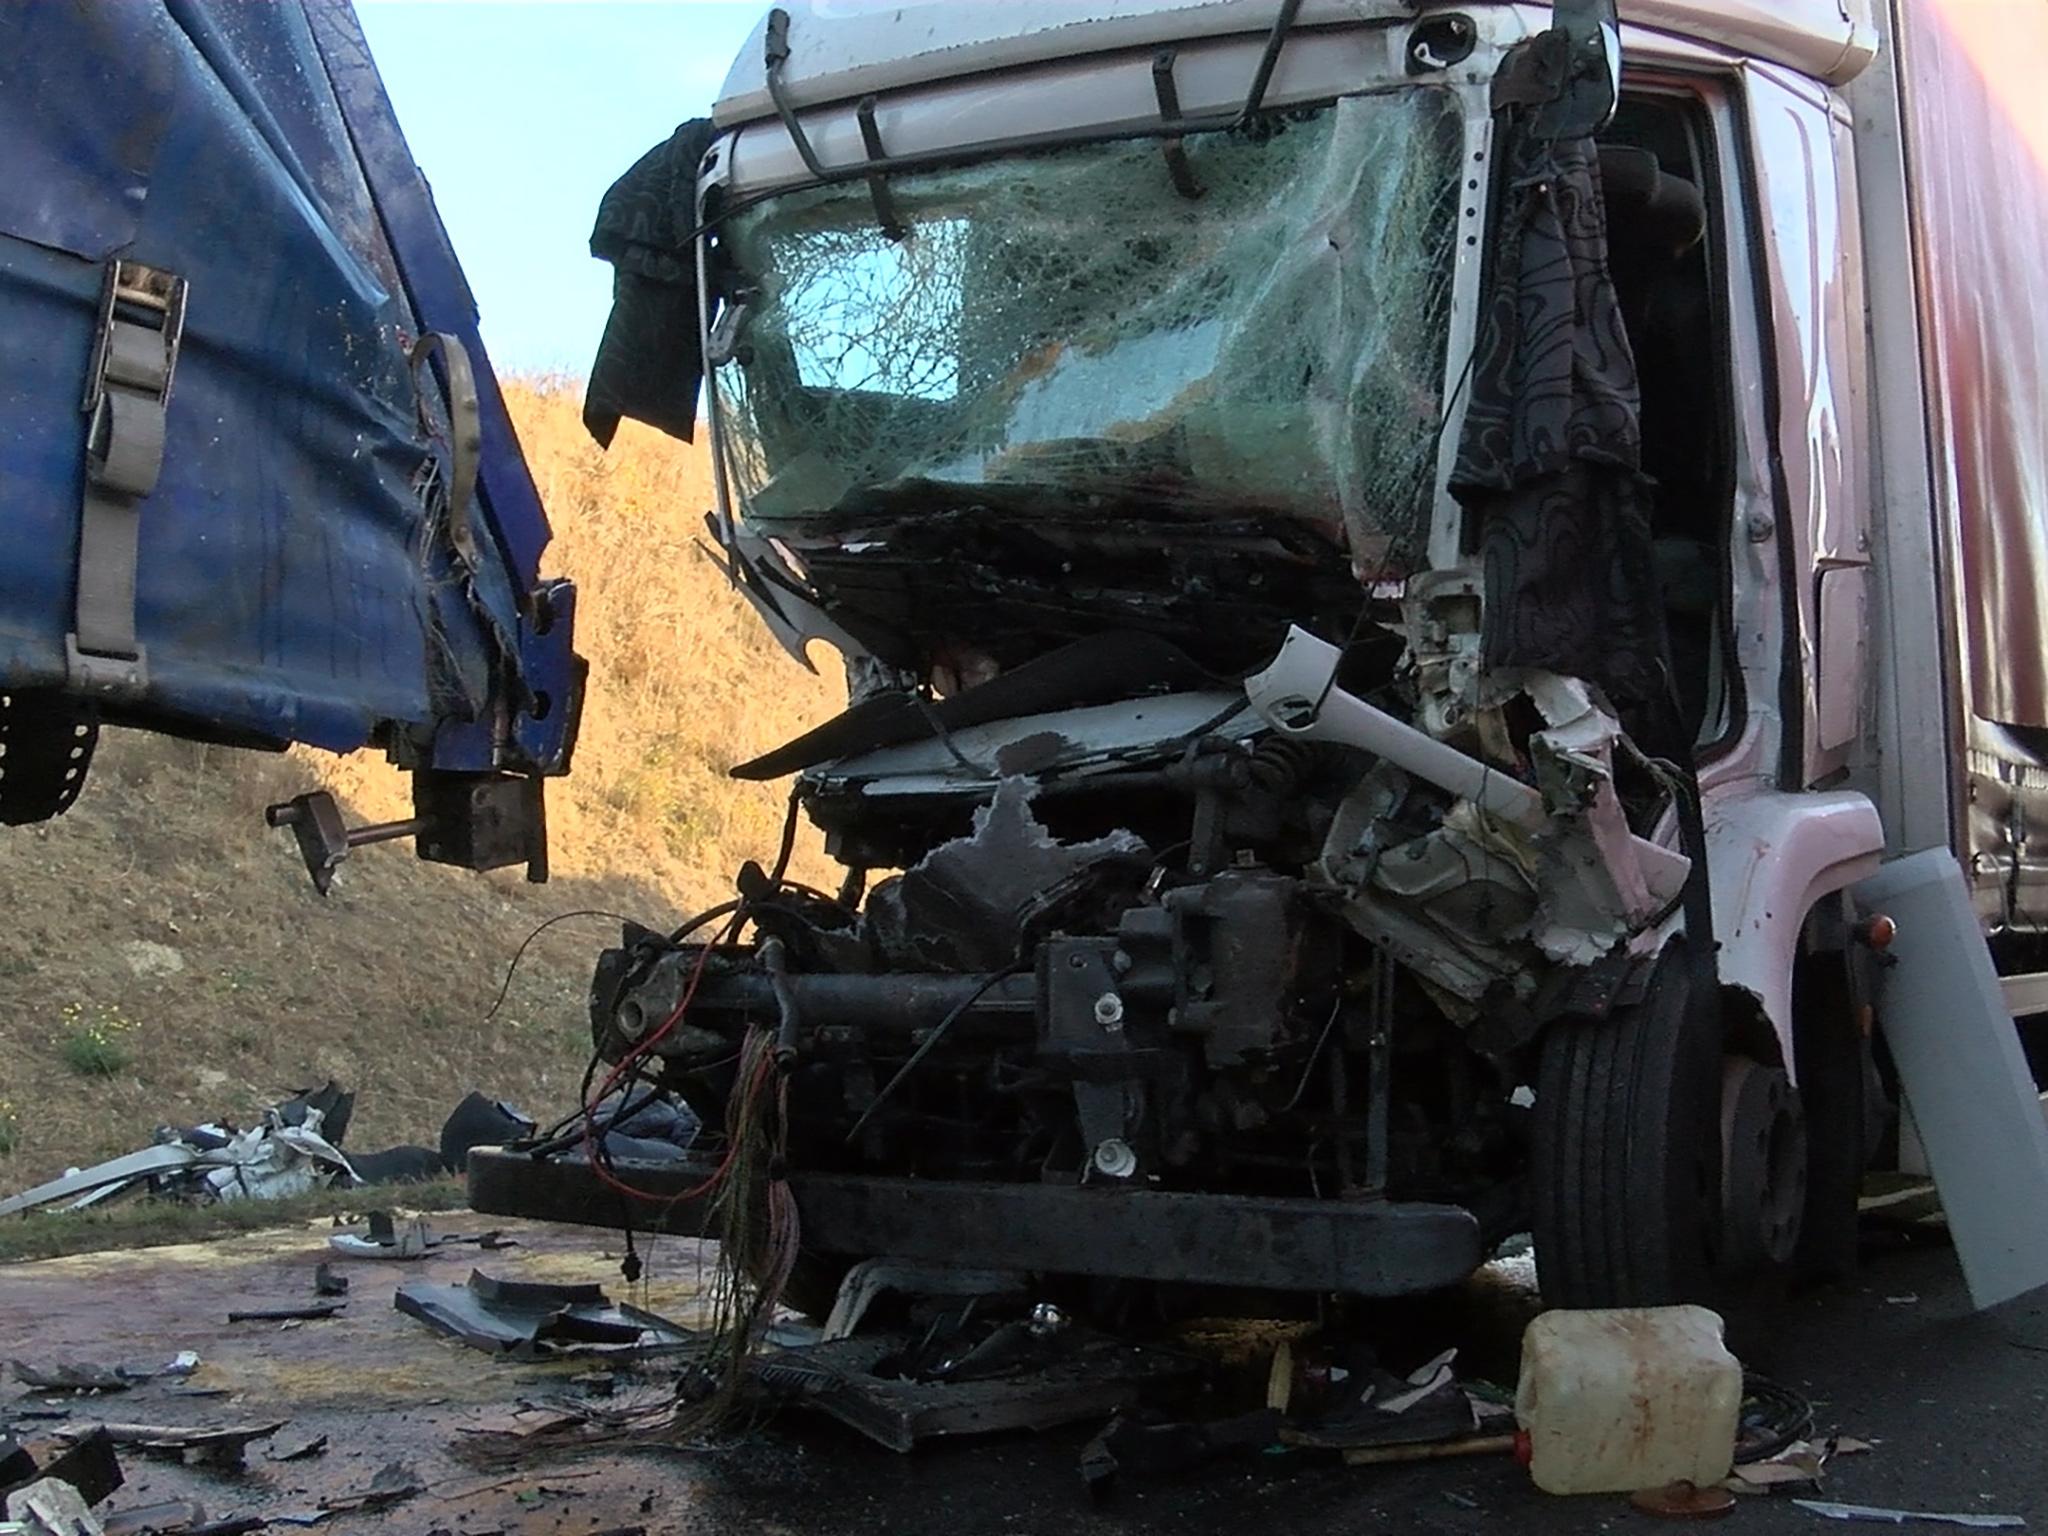 Der 60-jährige Unfallverursacher wurde in seinem Führerhaus eingeklemmt und verstarb noch vor Ort. Foto: Pascal Höfig